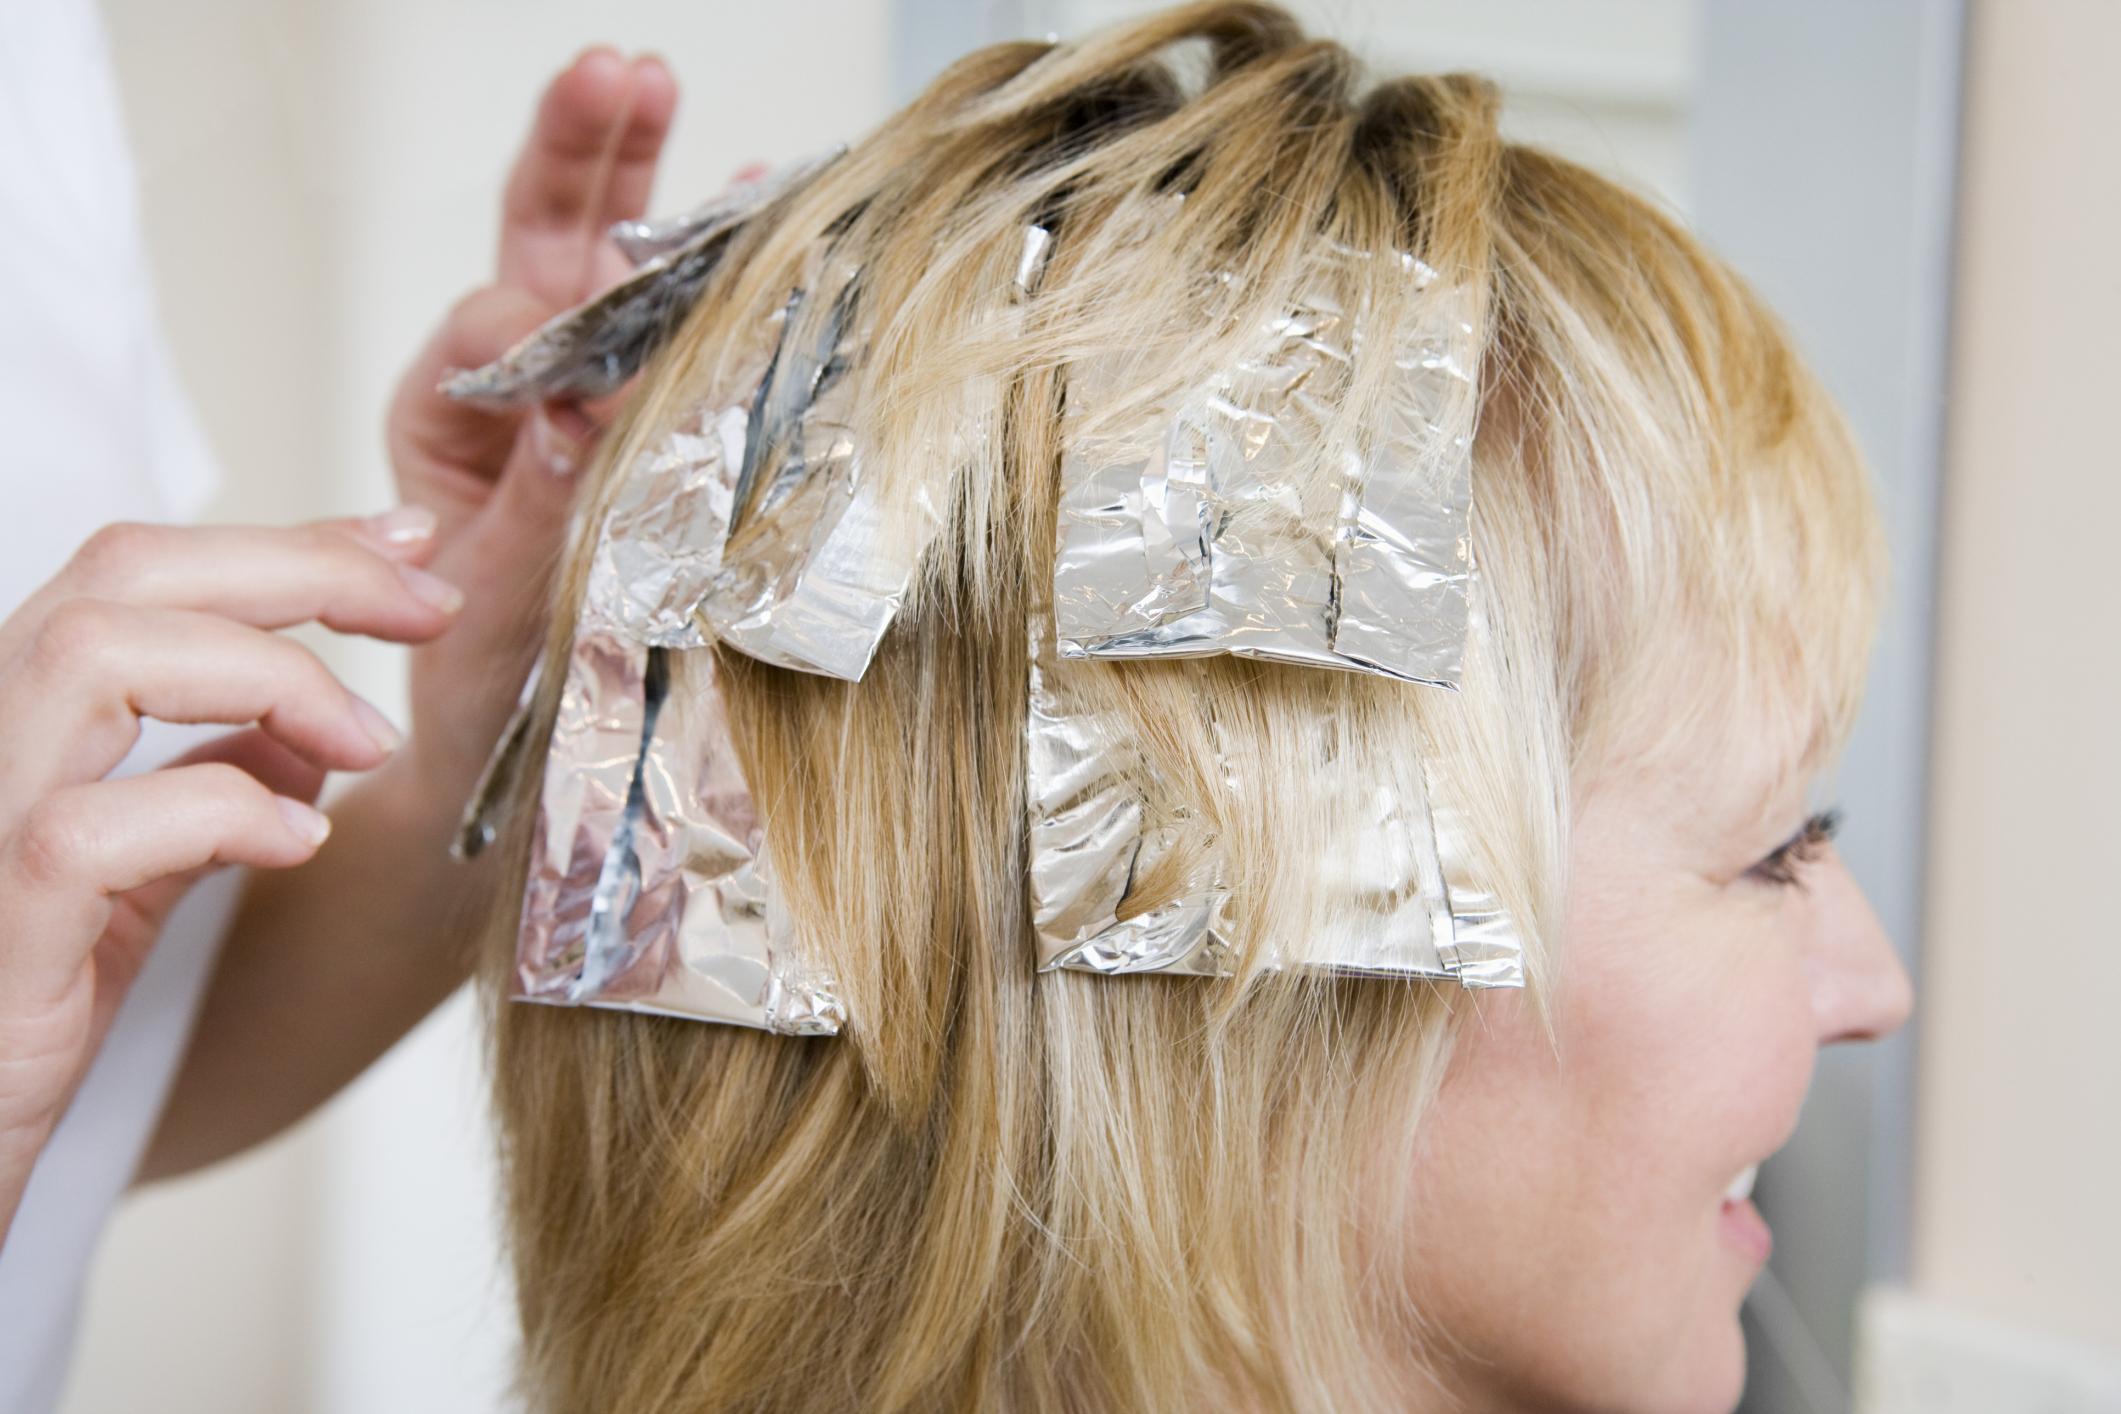 Выбираем краску для мелирования волос в домашних условиях 35